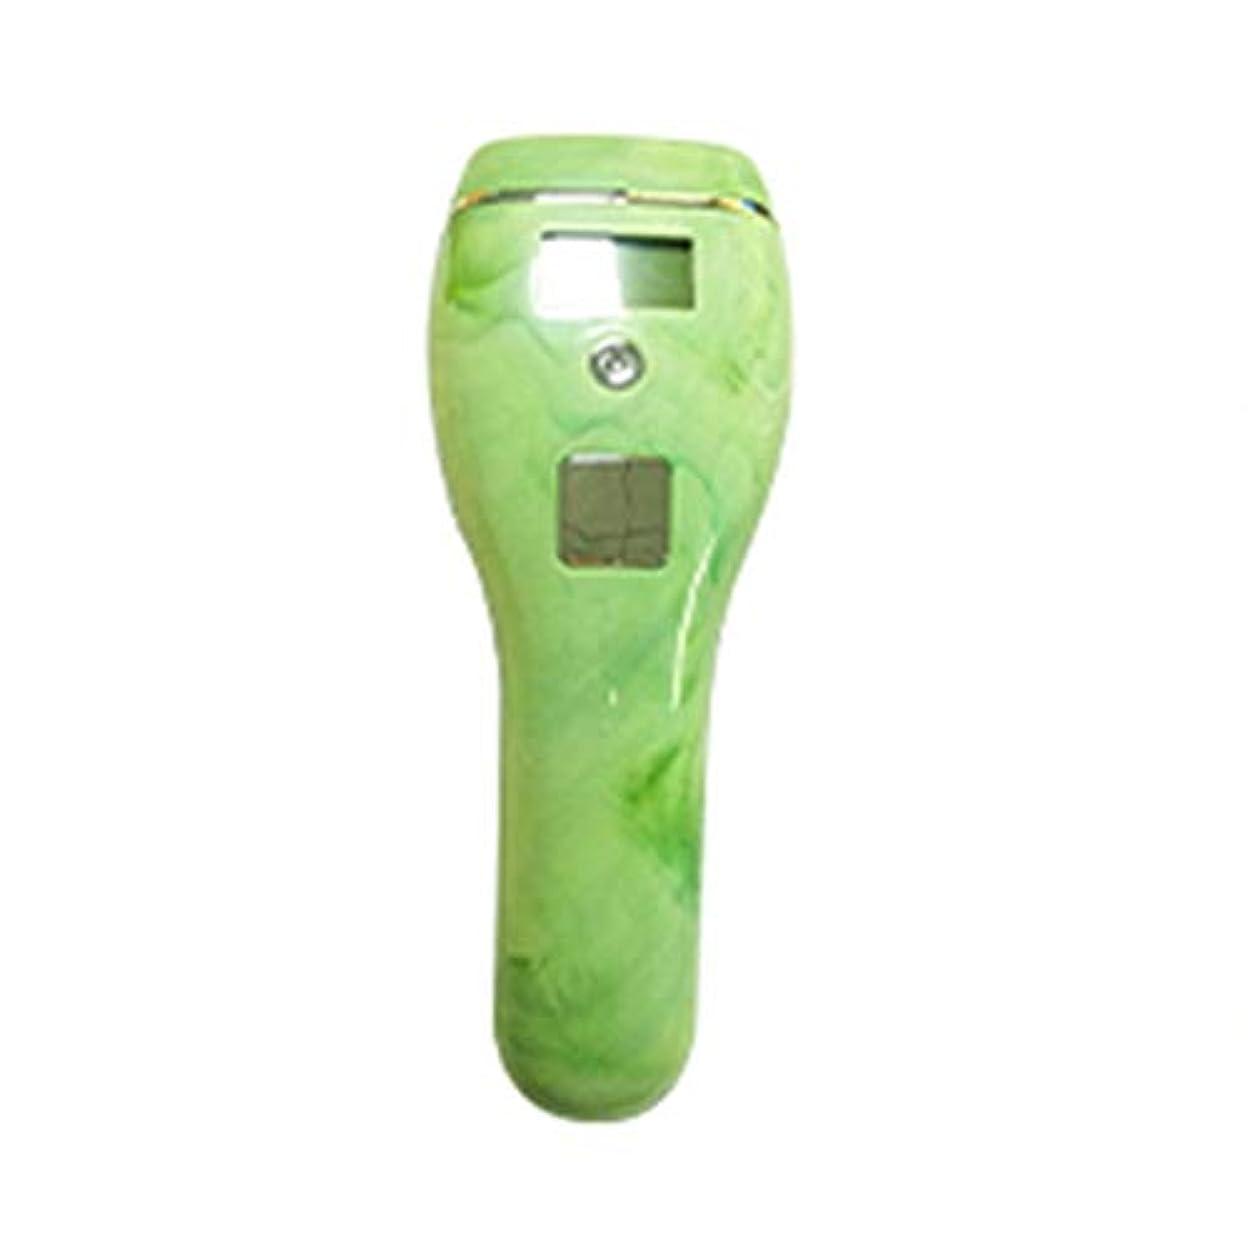 陰謀日国家自動肌のカラーセンシング、グリーン、5速調整、クォーツチューブ、携帯用痛みのない全身凍結乾燥用除湿器、サイズ19x7x5cm 安全性 (Color : Green)